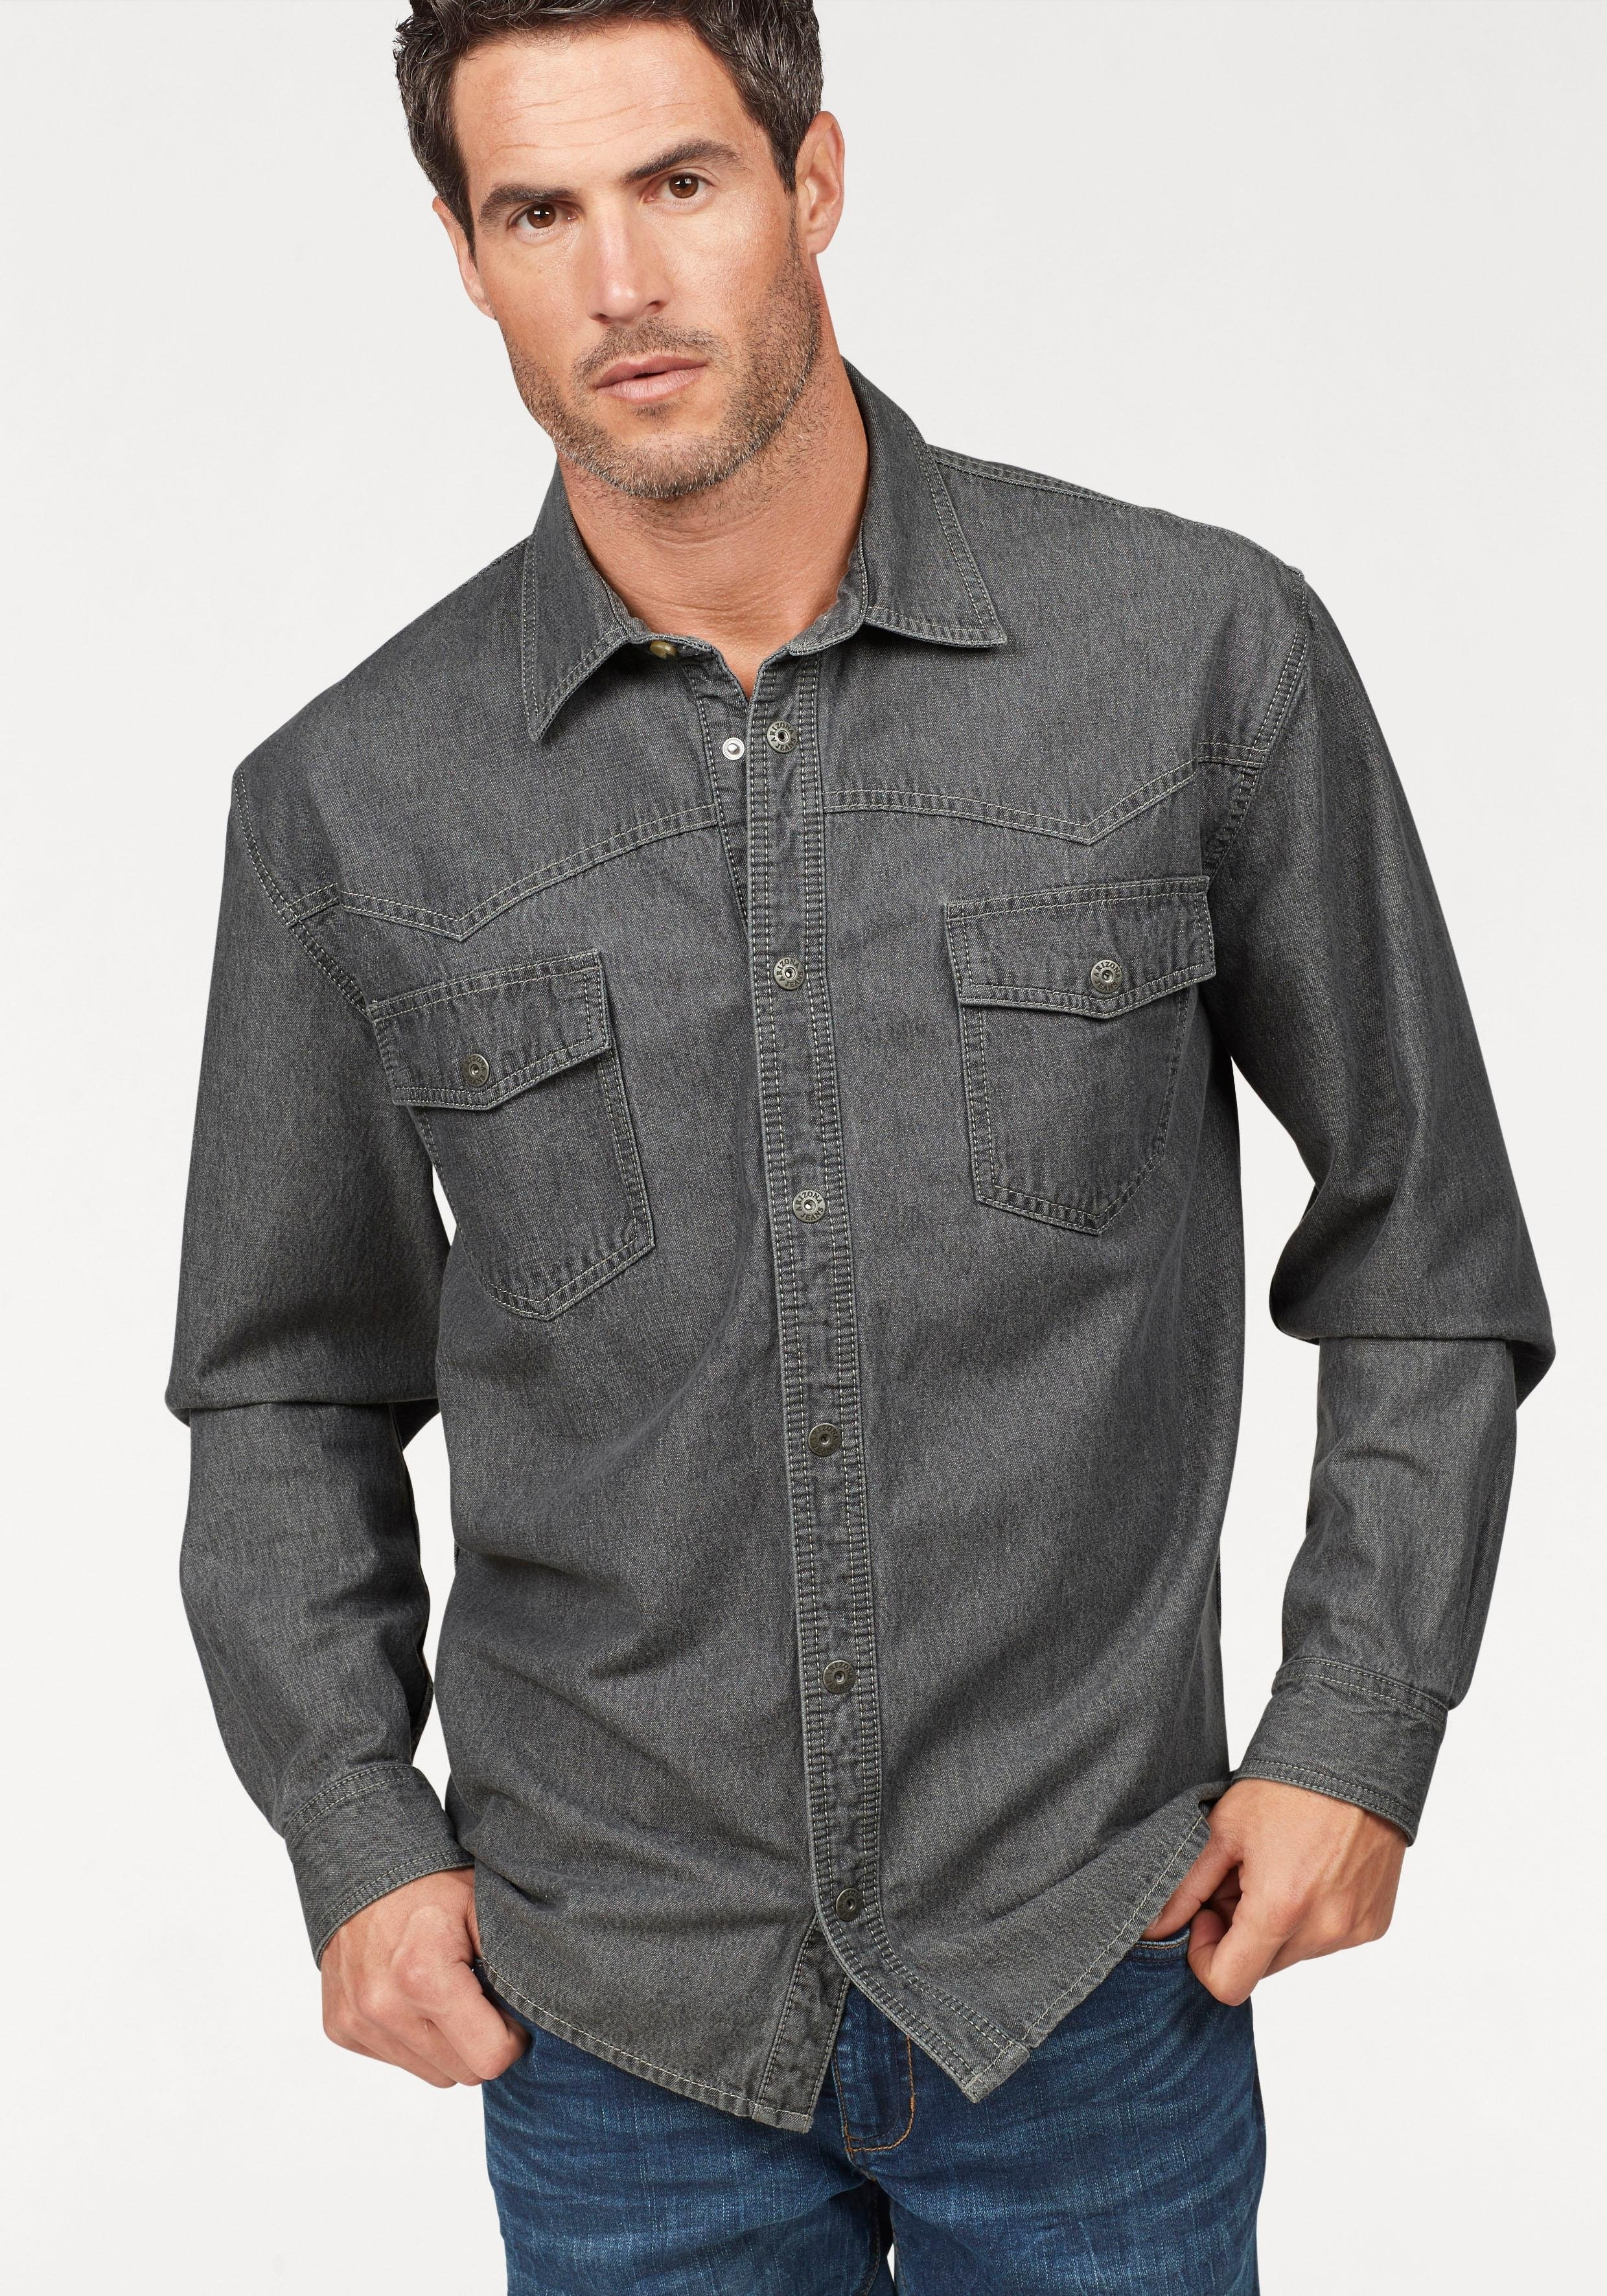 Arizona Jeansoverhemd Westernstijl - gratis ruilen op otto.nl